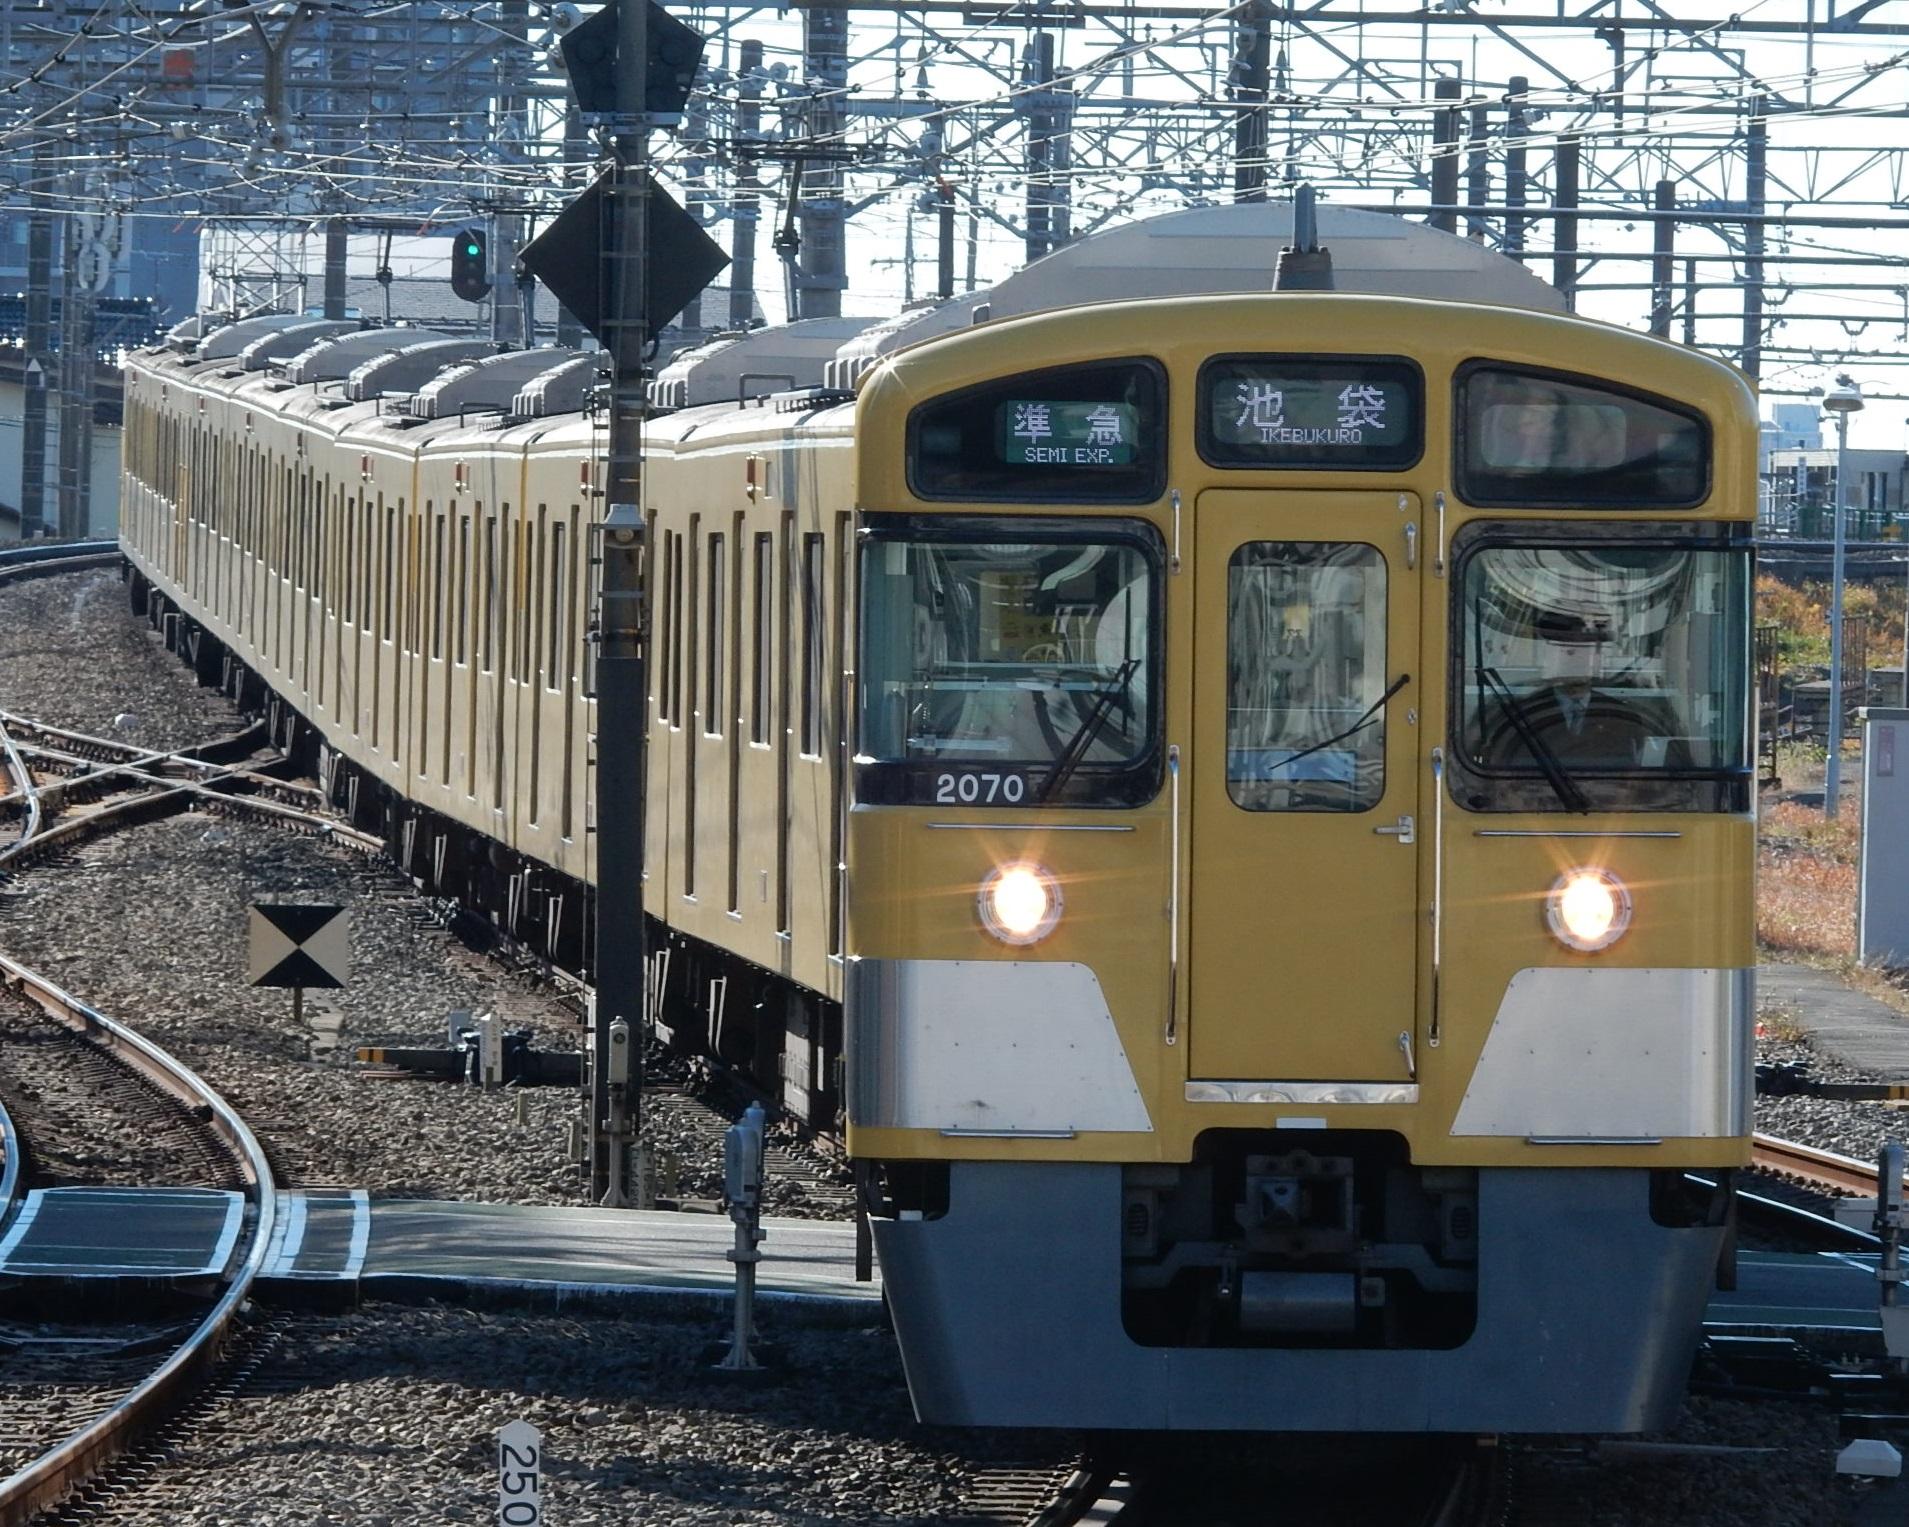 DSCN9857.jpg